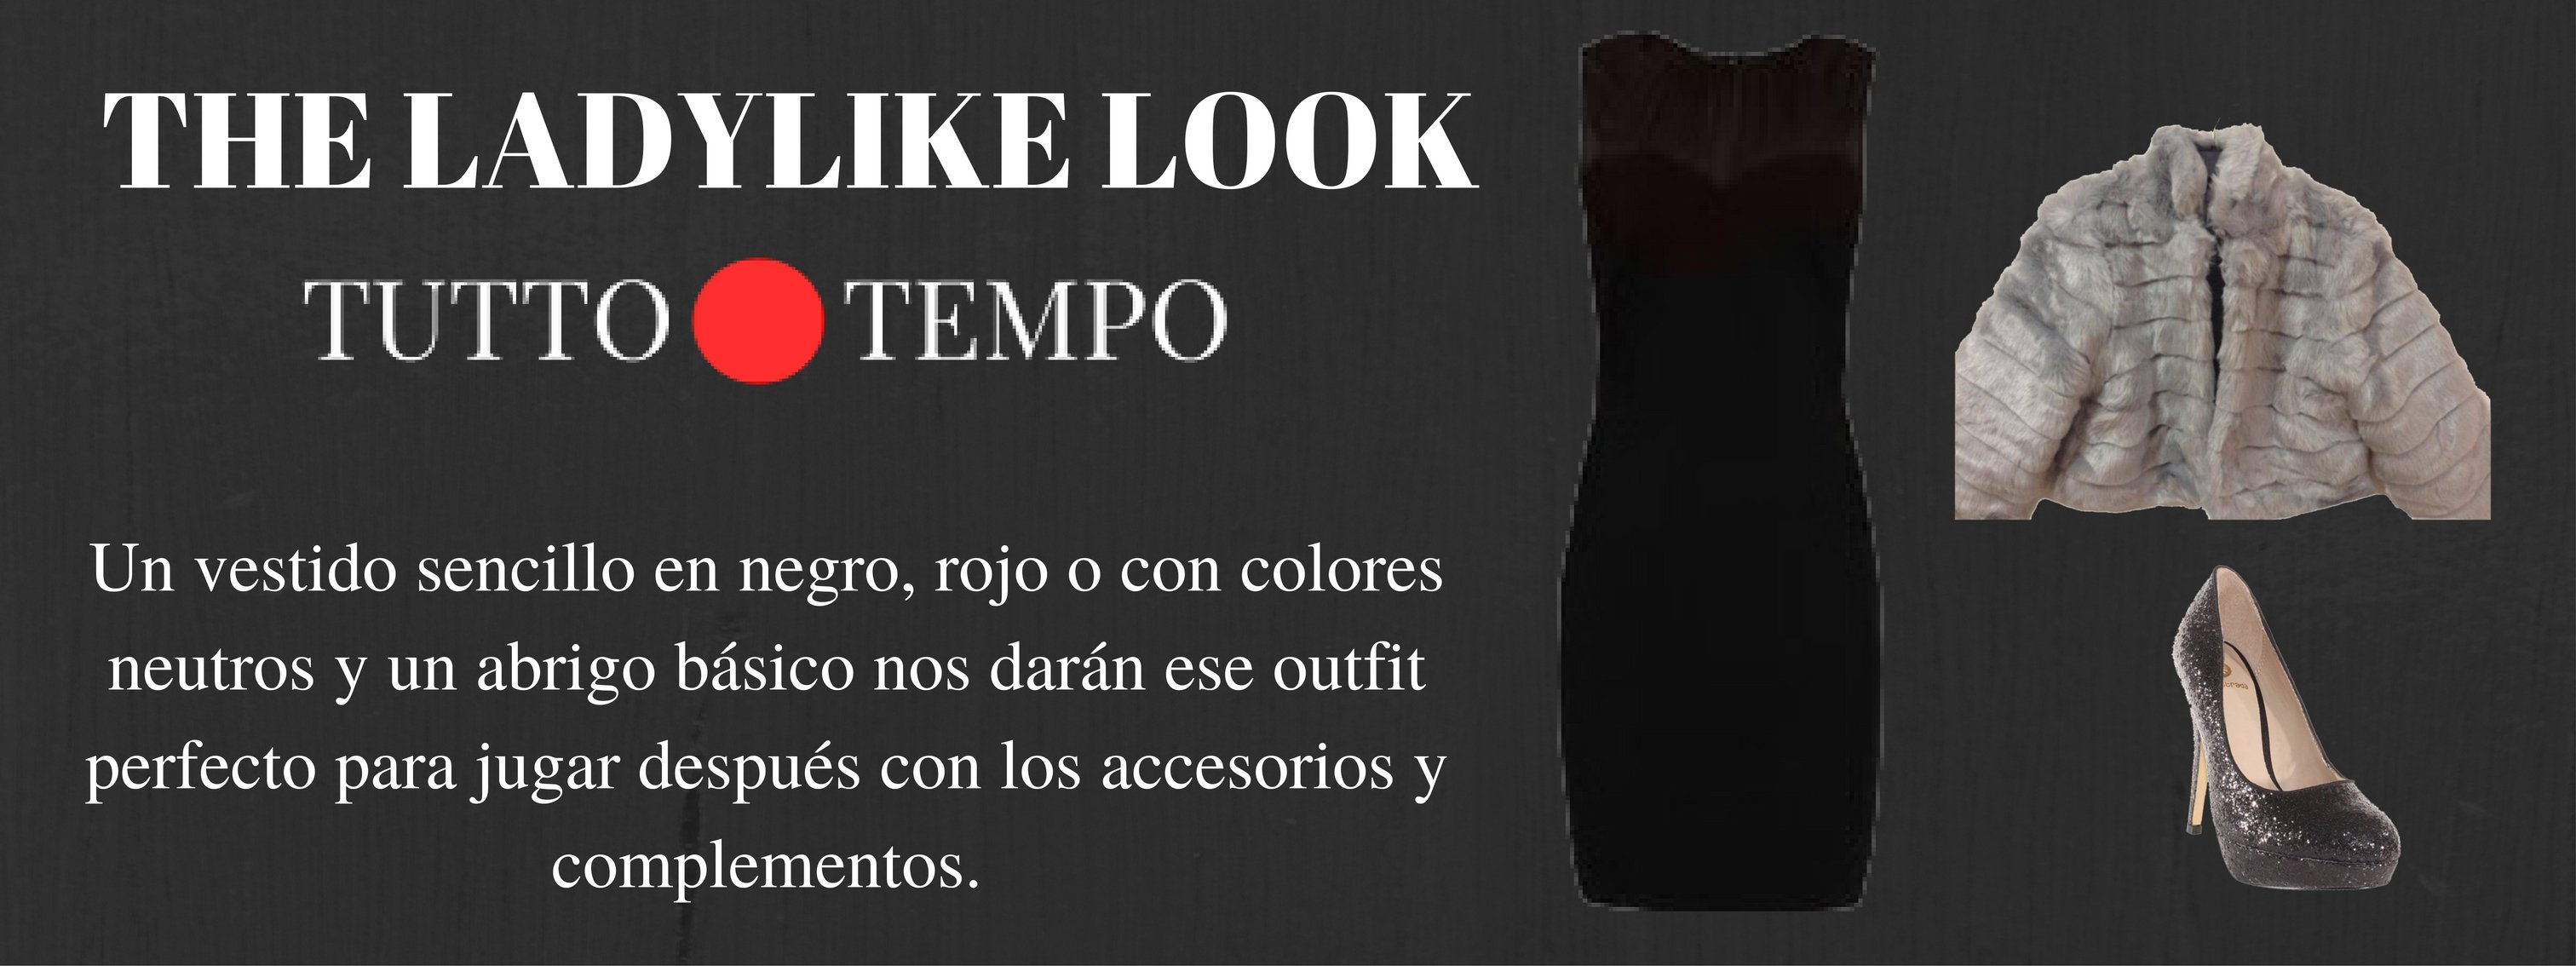 Vestido negro Tutto Tempo